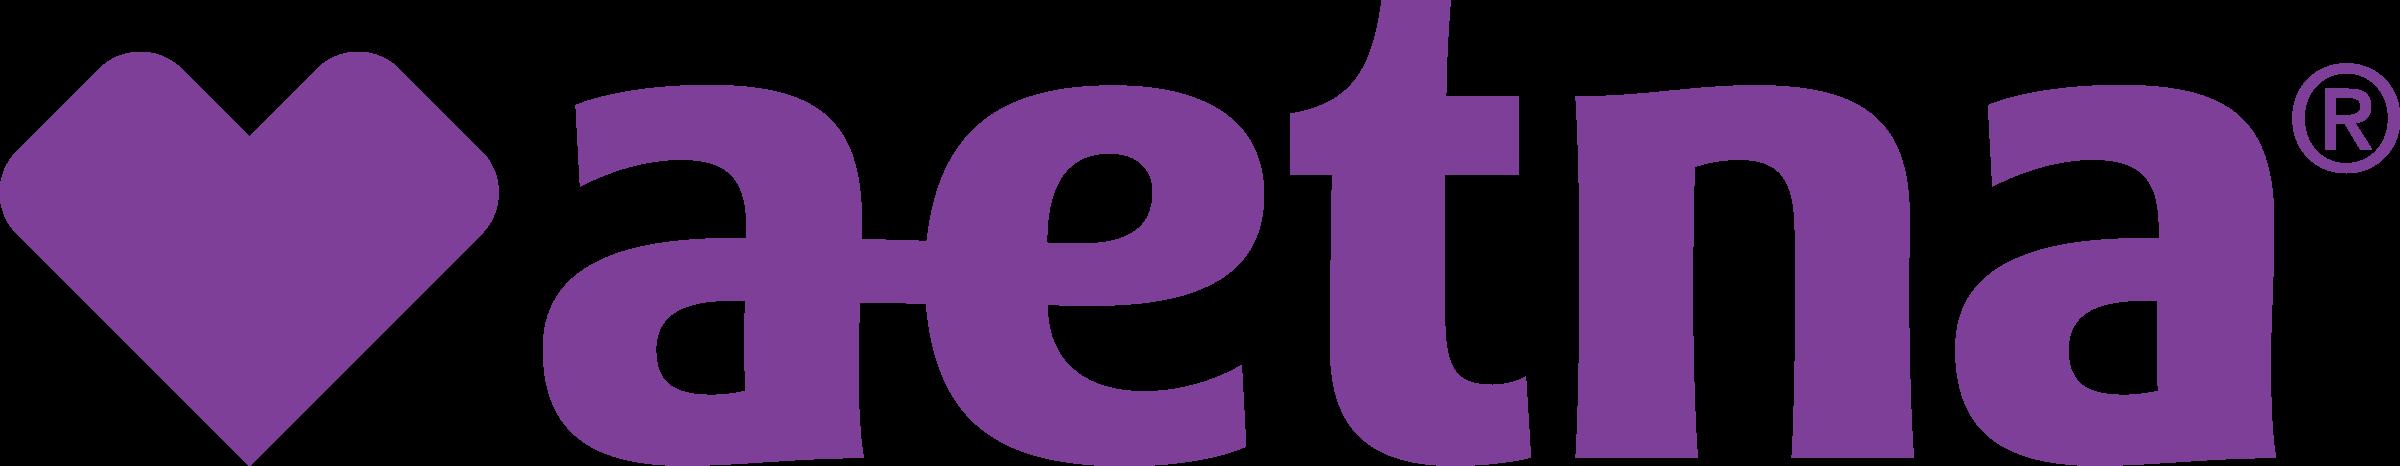 Aetna_logo_sm_rgb_vio